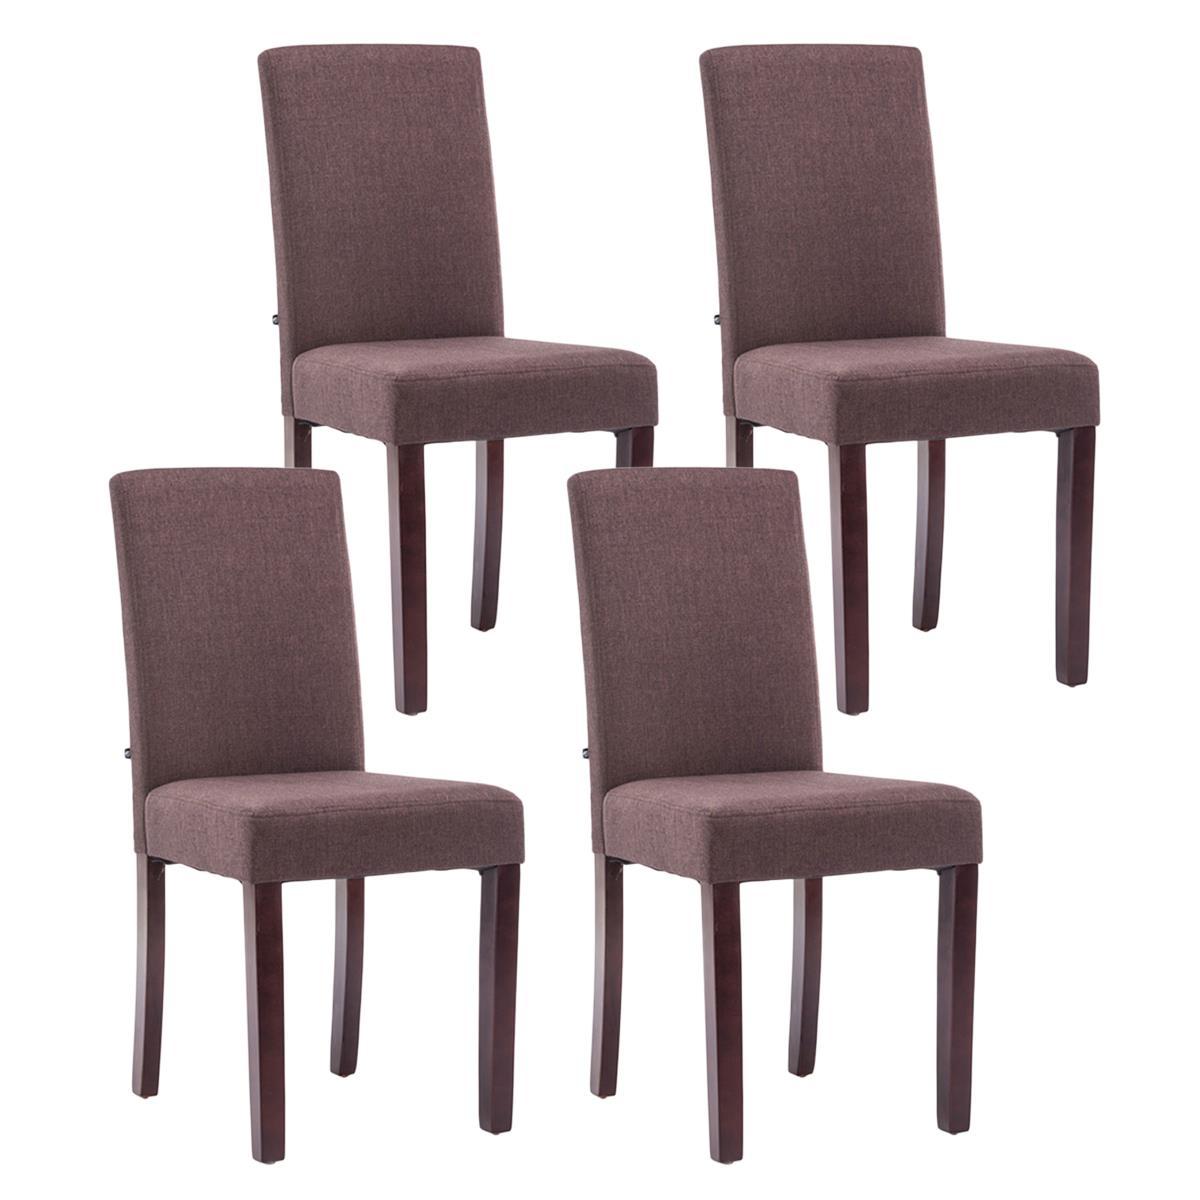 Conjunto de 4 sillas de comedor adria tapizadas en tela for Comedor sillas de colores